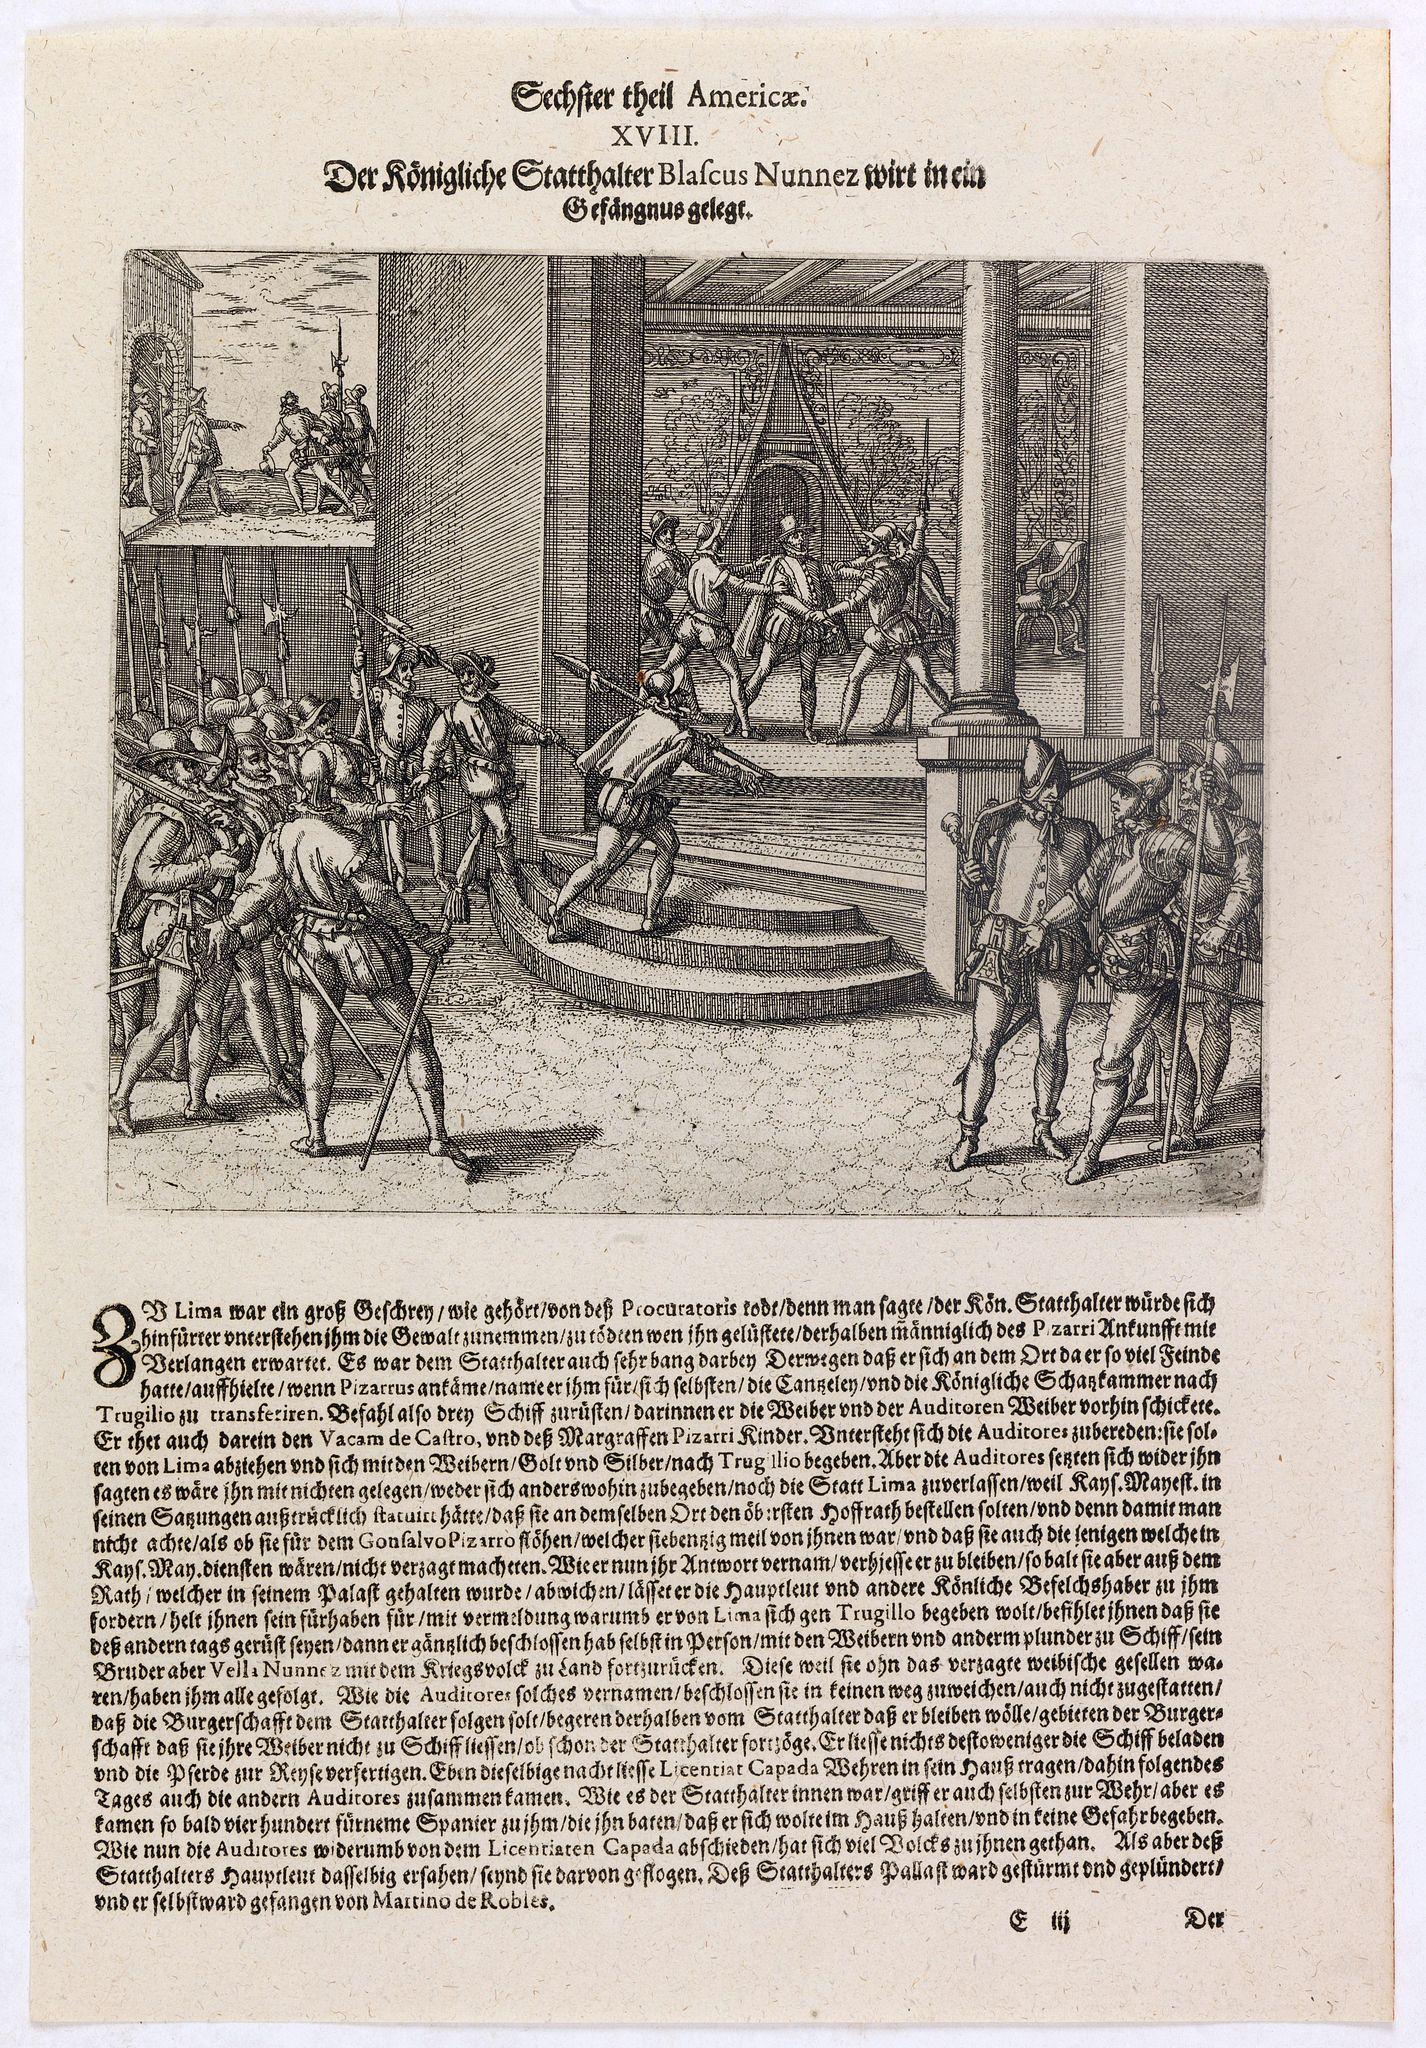 DE BRY, Th. -  Der Königliche Statthalter Blascus Nunnez Vella wird in ein Gefängnuss gelegt.